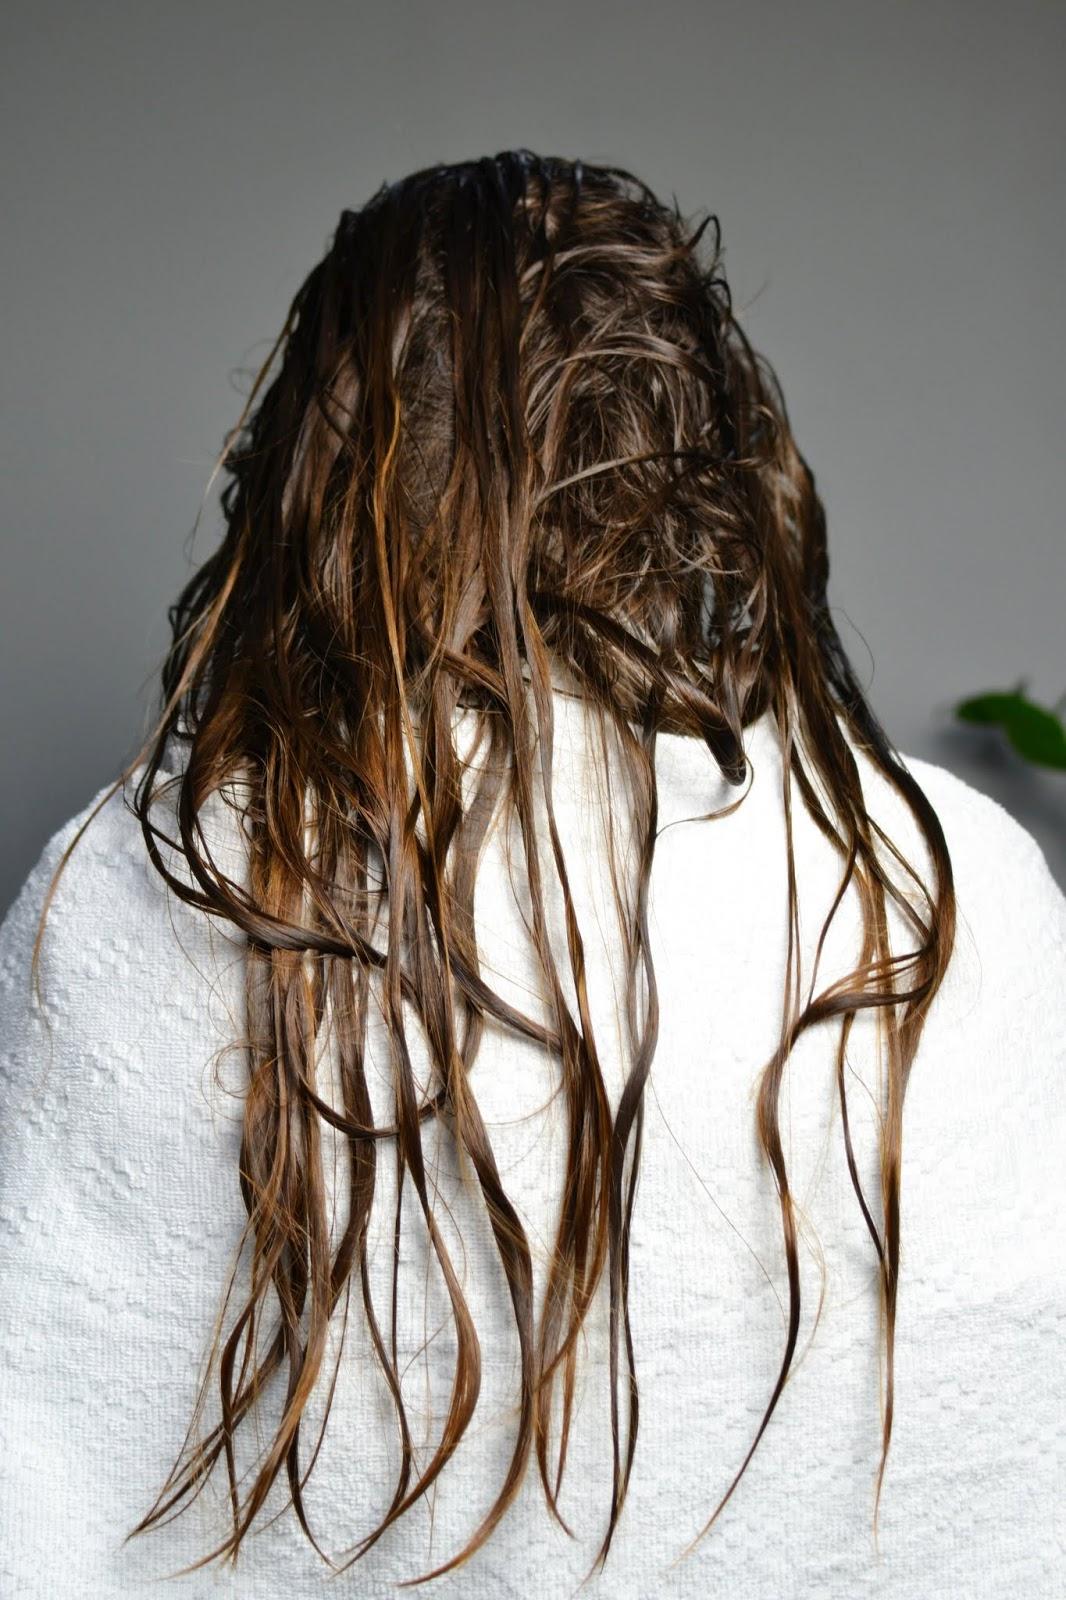 włosy po umyciu